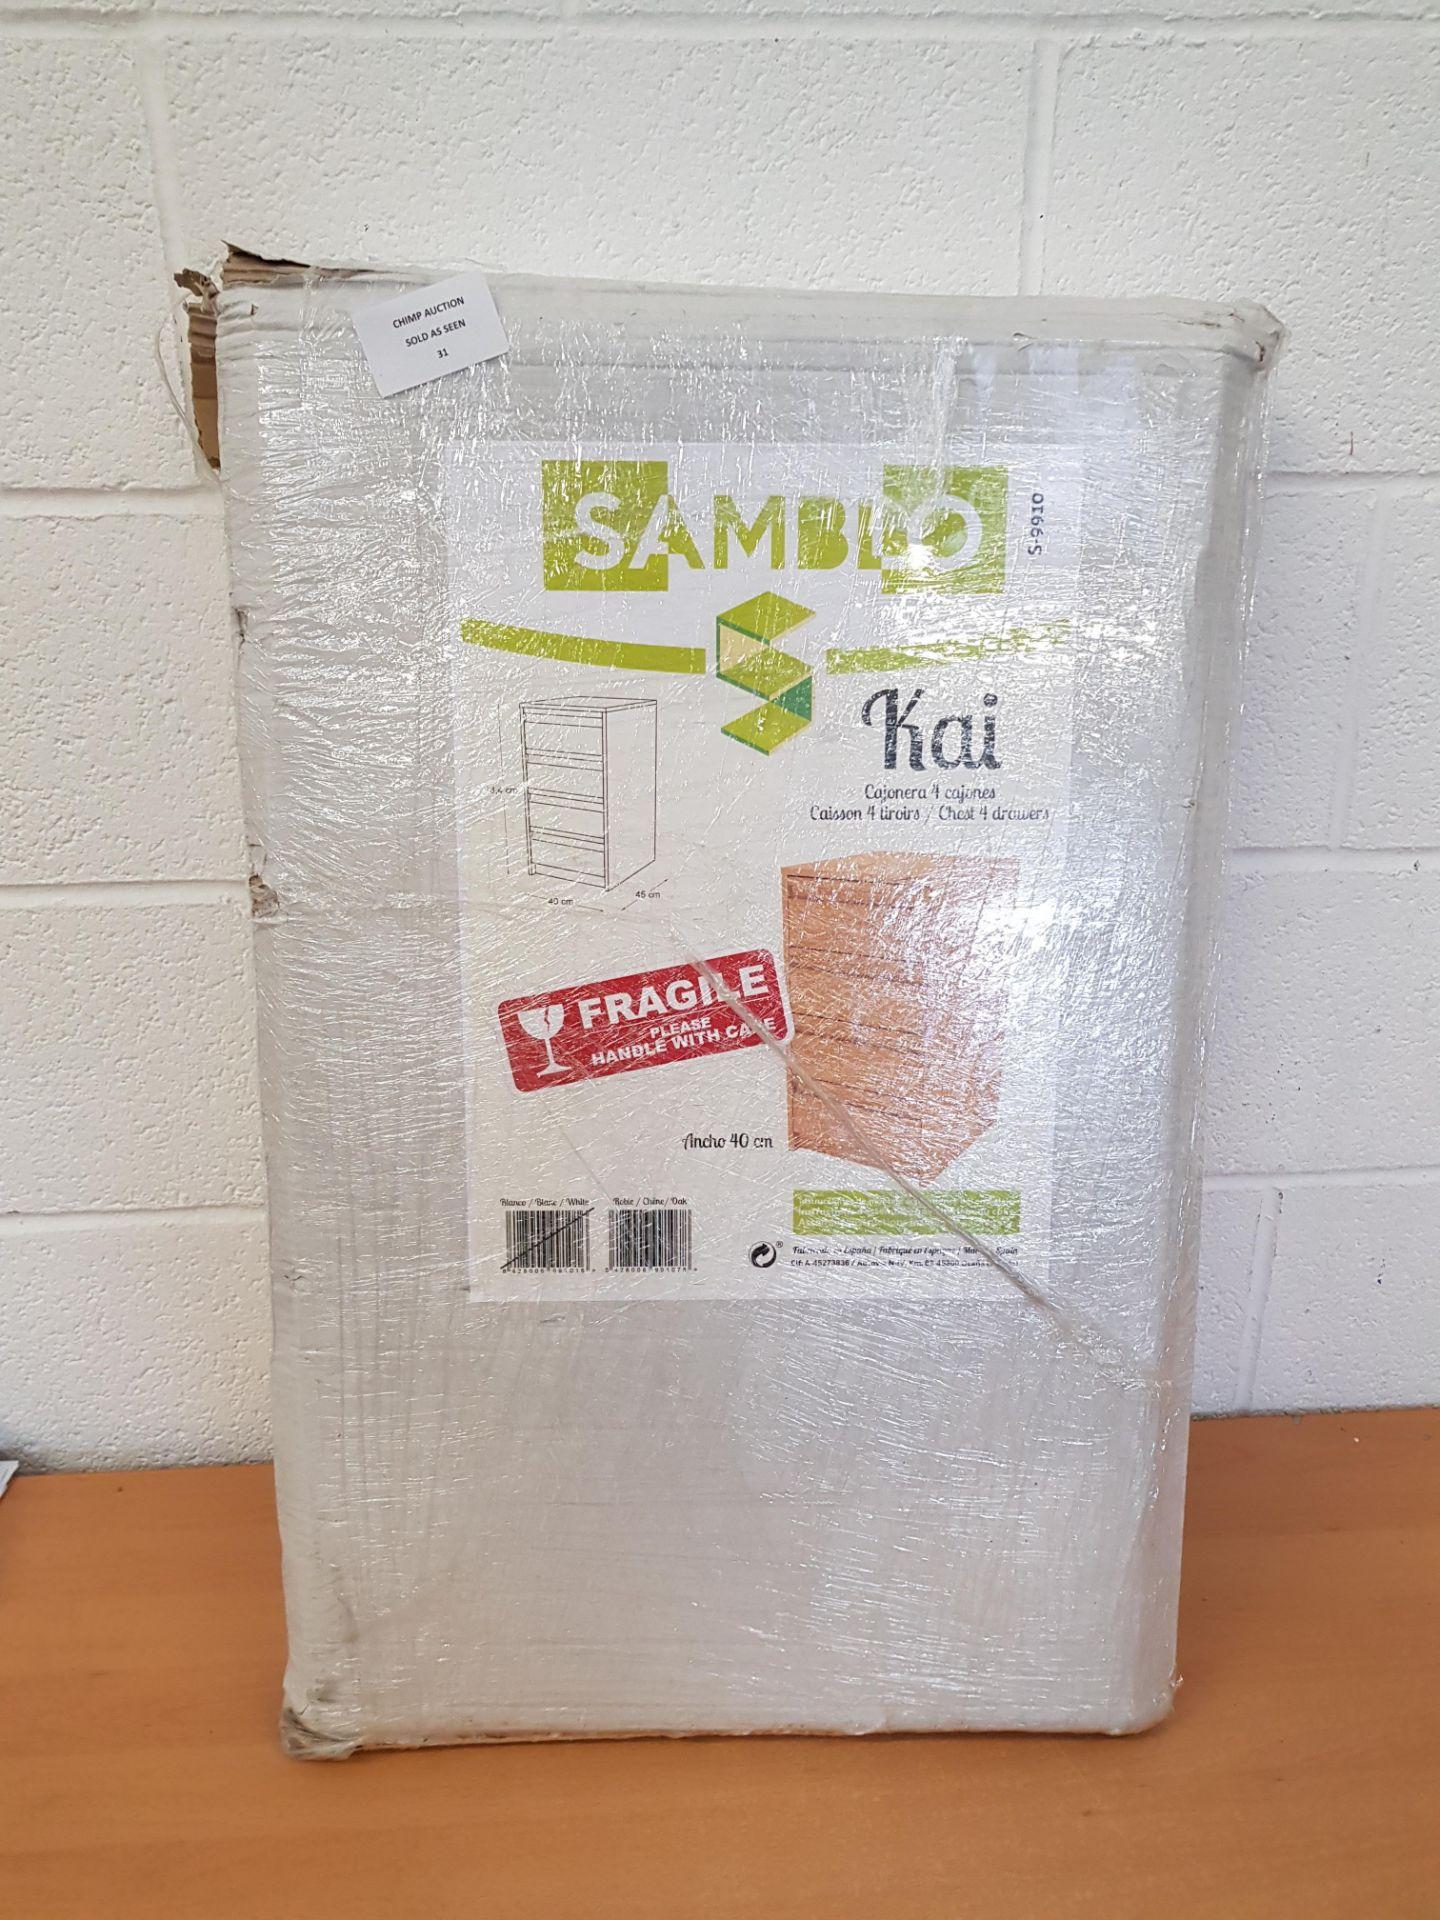 Lot 31 - Samblo Kai Flat Packed Furniture